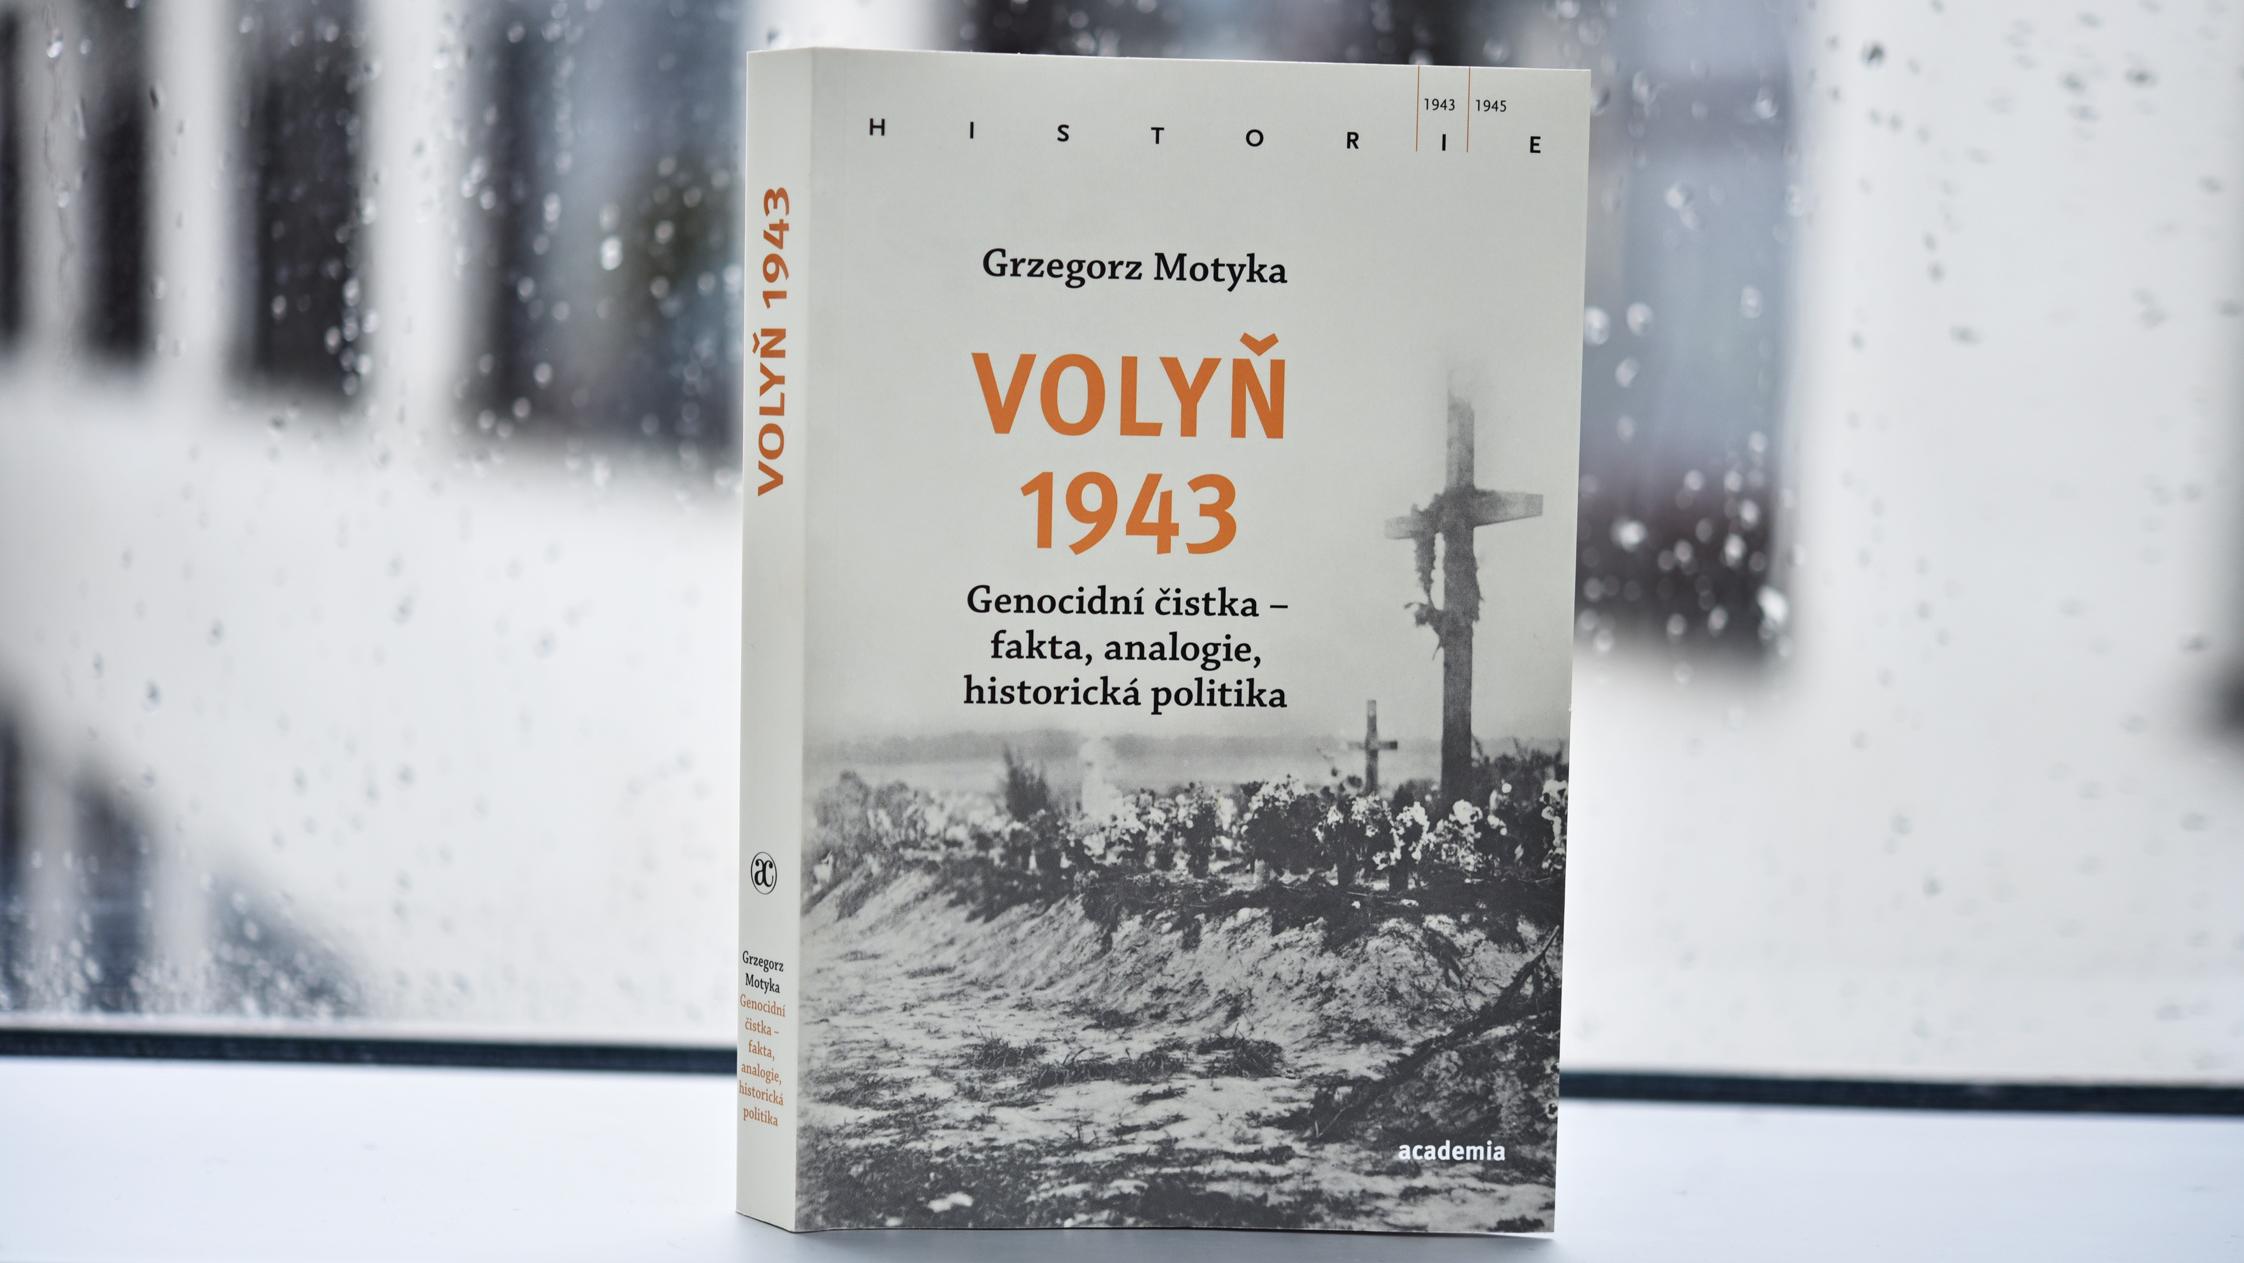 Grzegorz Motyka, Volyň 1943: Genocidní čistka – fakta, analogie, historická politika